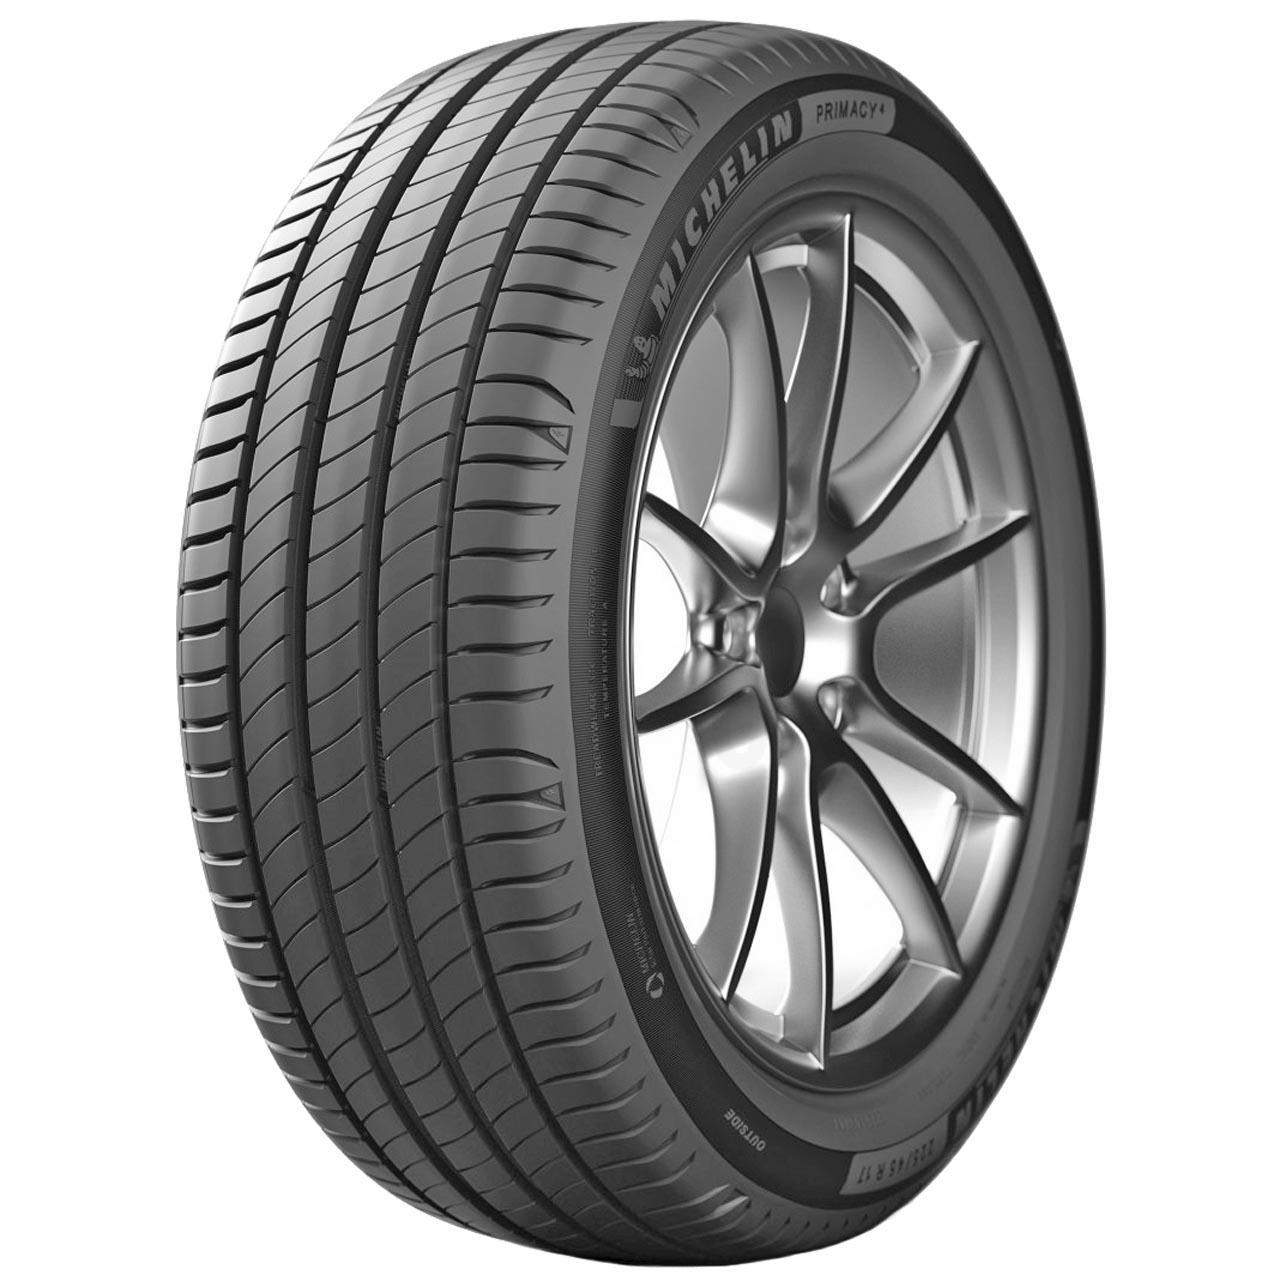 Michelin Primacy 4 205/55R16 91H E